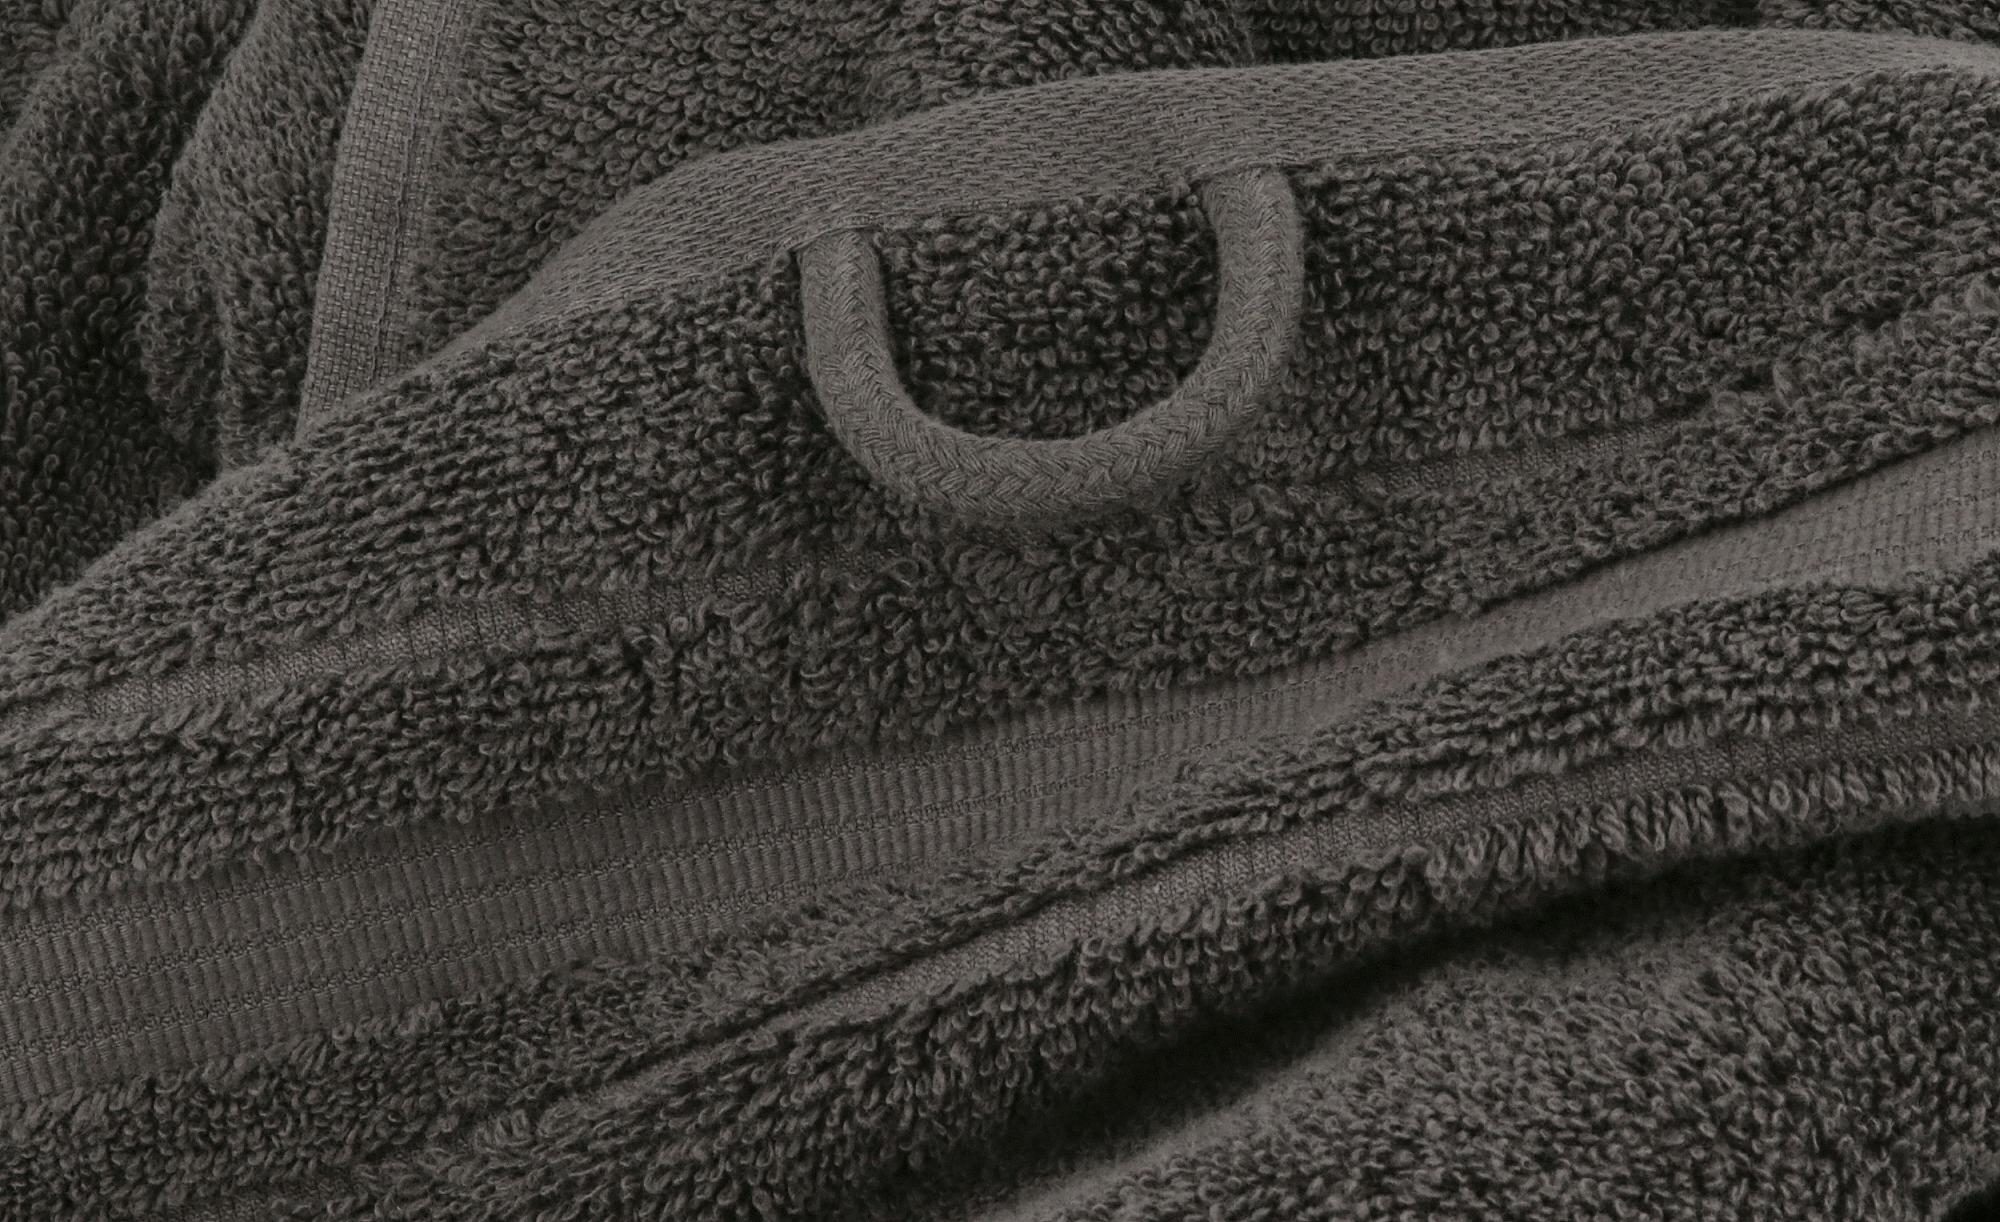 VOSSEN Duschtuch  Soft Dreams ¦ braun ¦ 100% Baumwolle ¦ Maße (cm): B: 67 Badtextilien und Zubehör > Handtücher & Badetücher > Duschtücher - Höffner